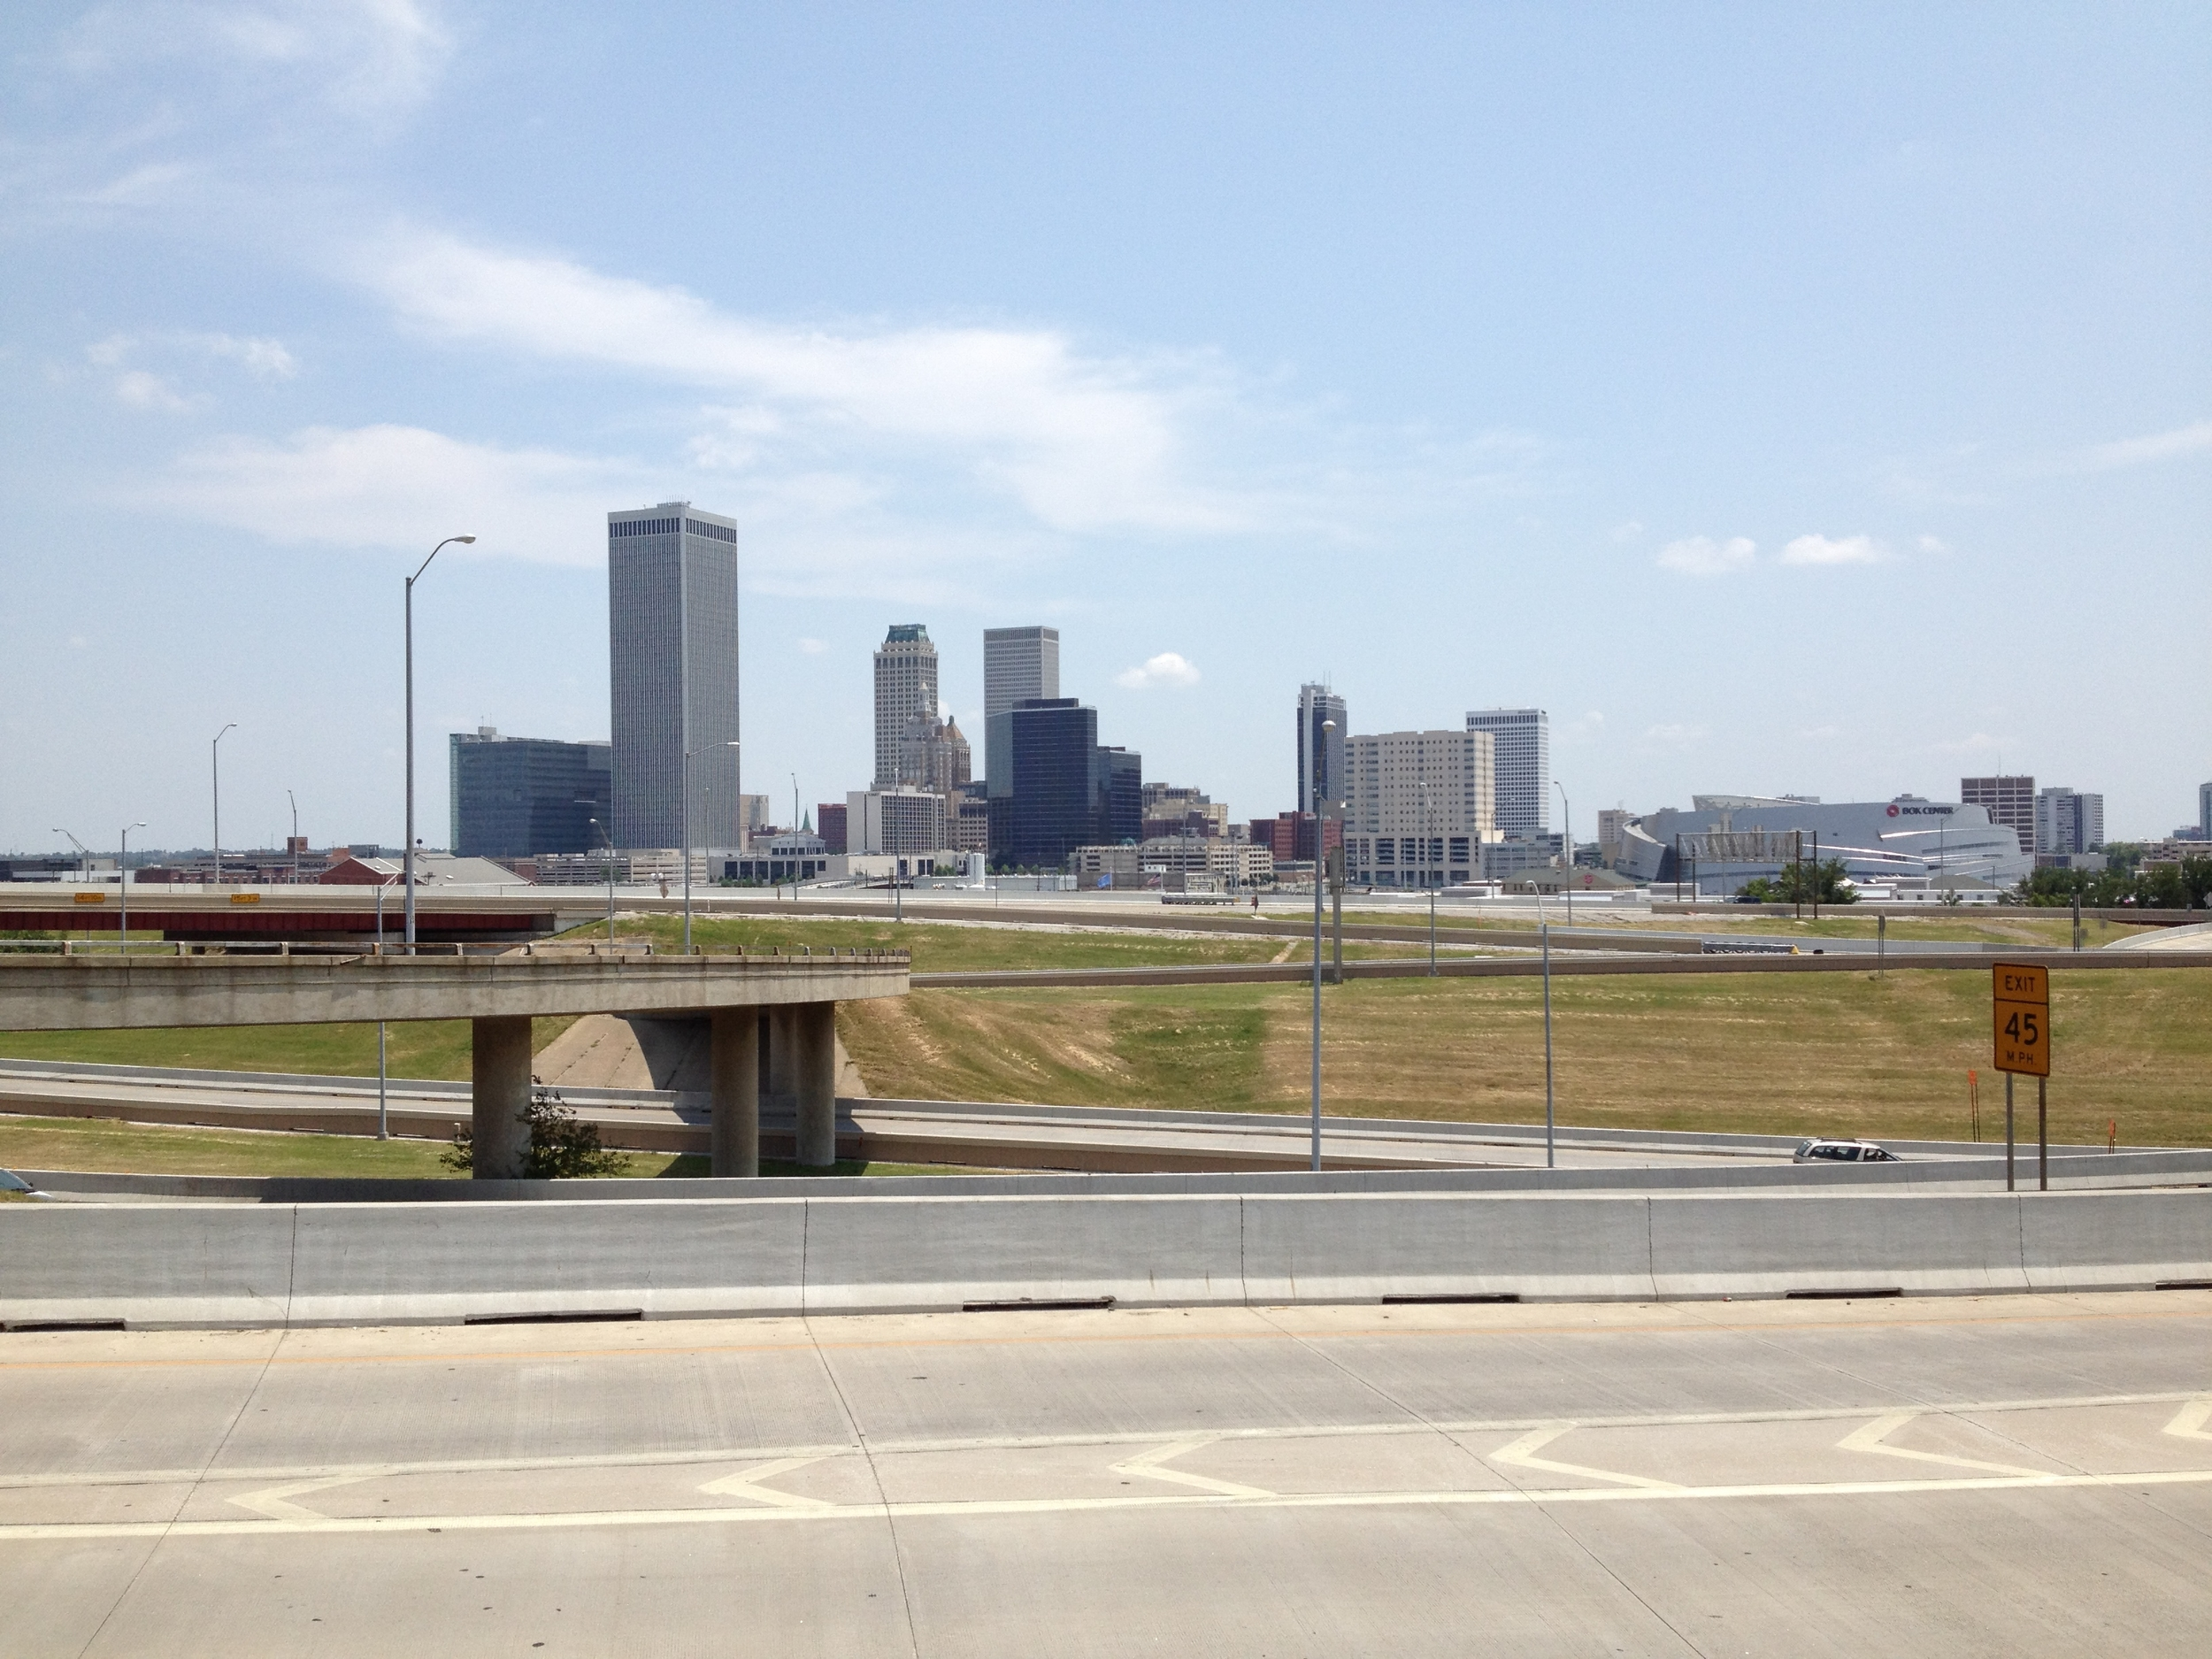 Tulsa, Oklahomat